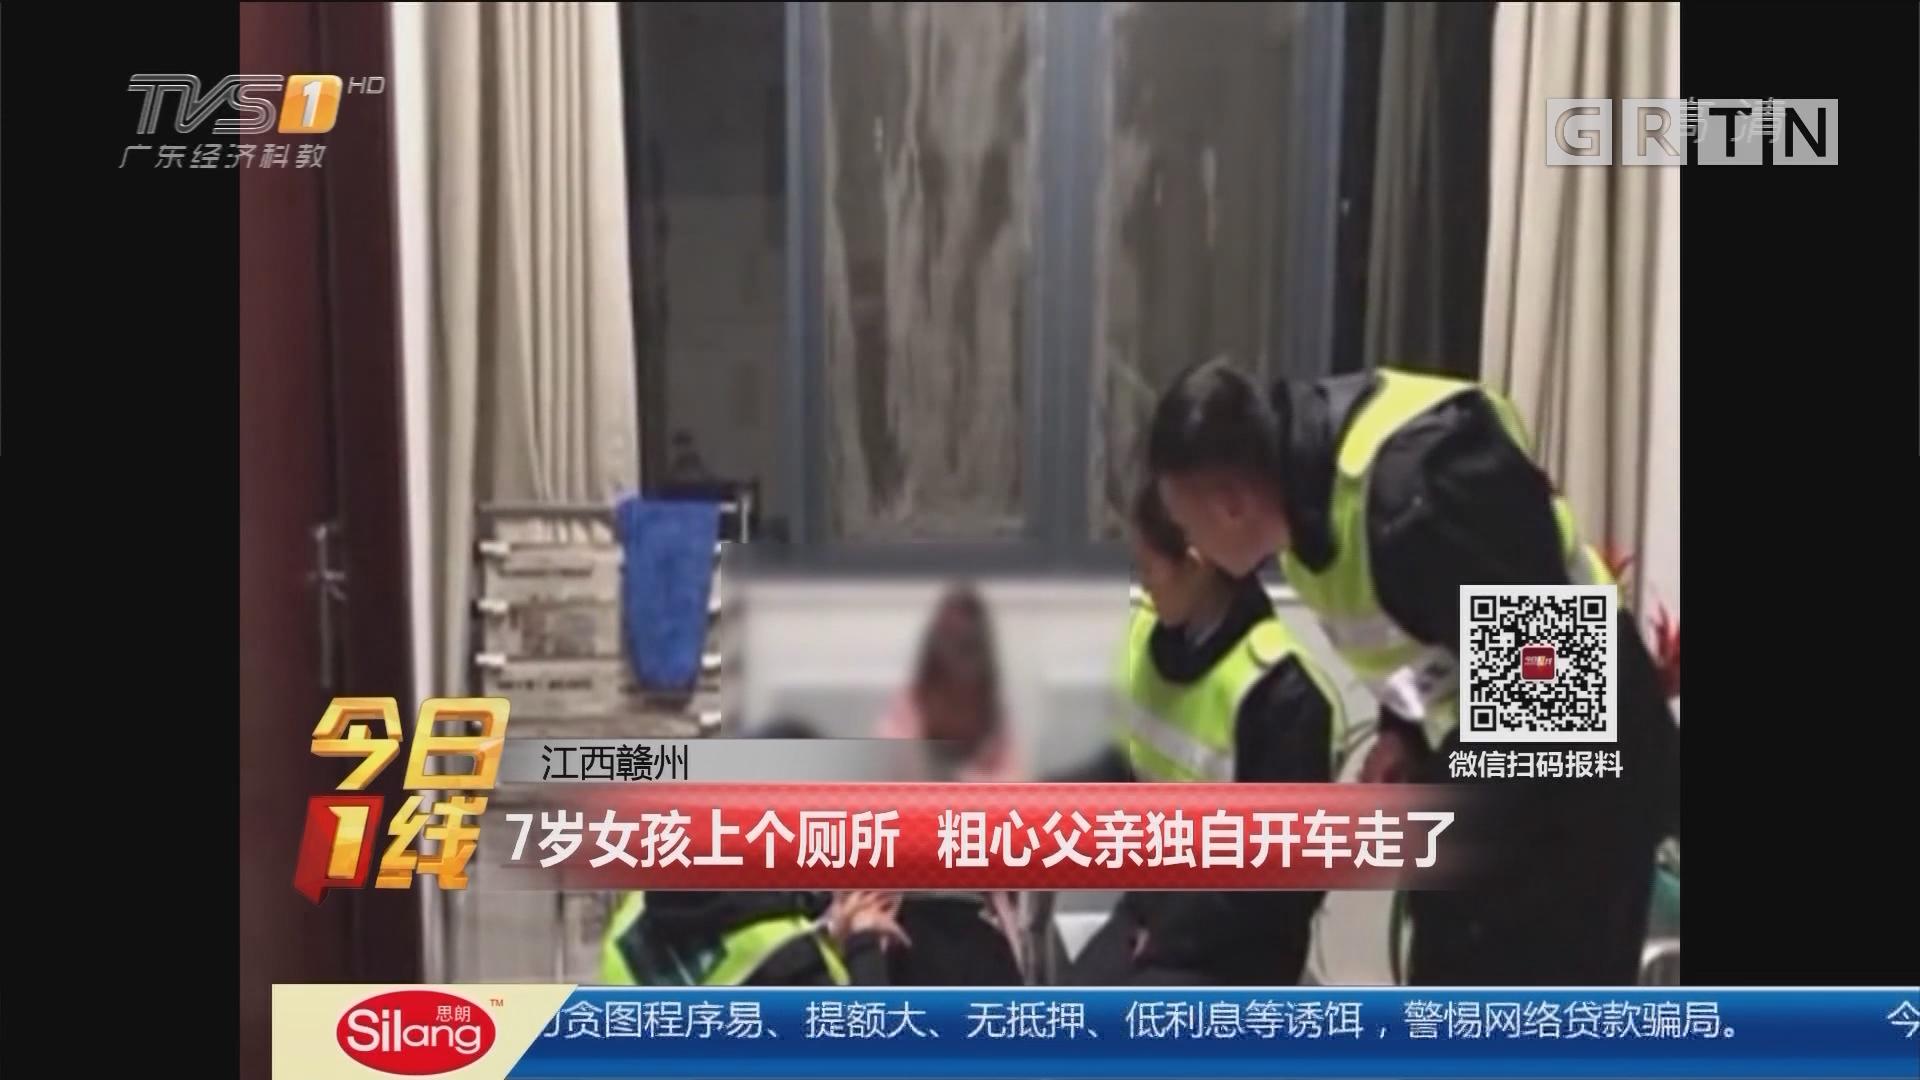 江西赣州:7岁女孩上个厕所 粗心父亲独自开车走了